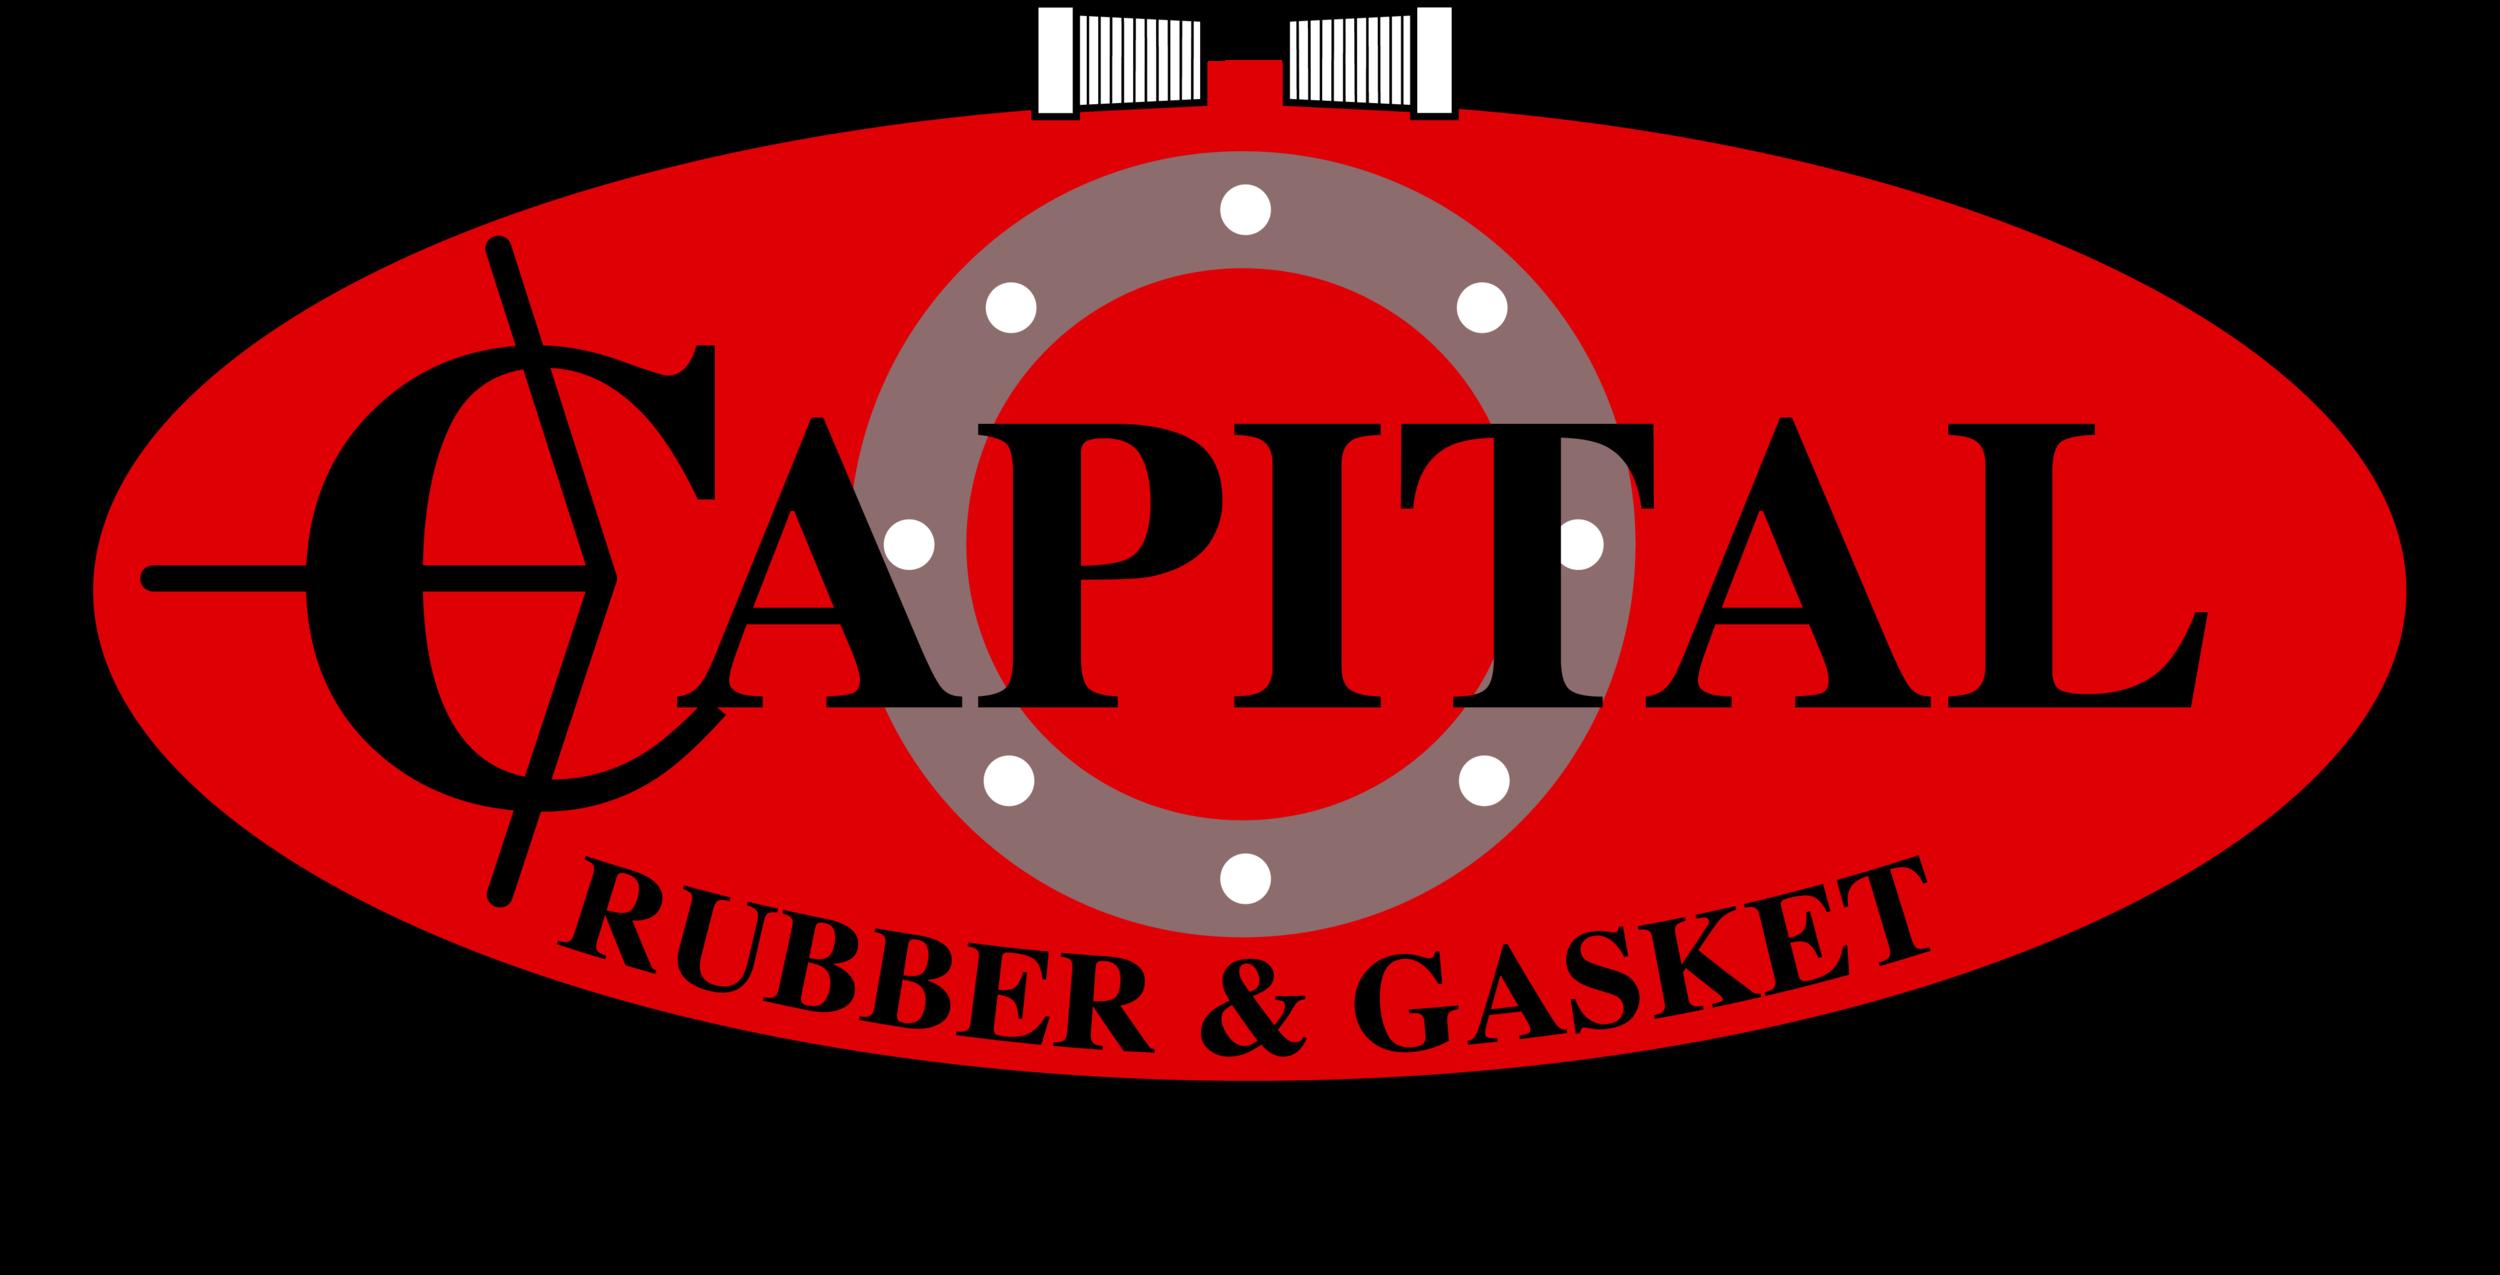 caprub logo NEW.png